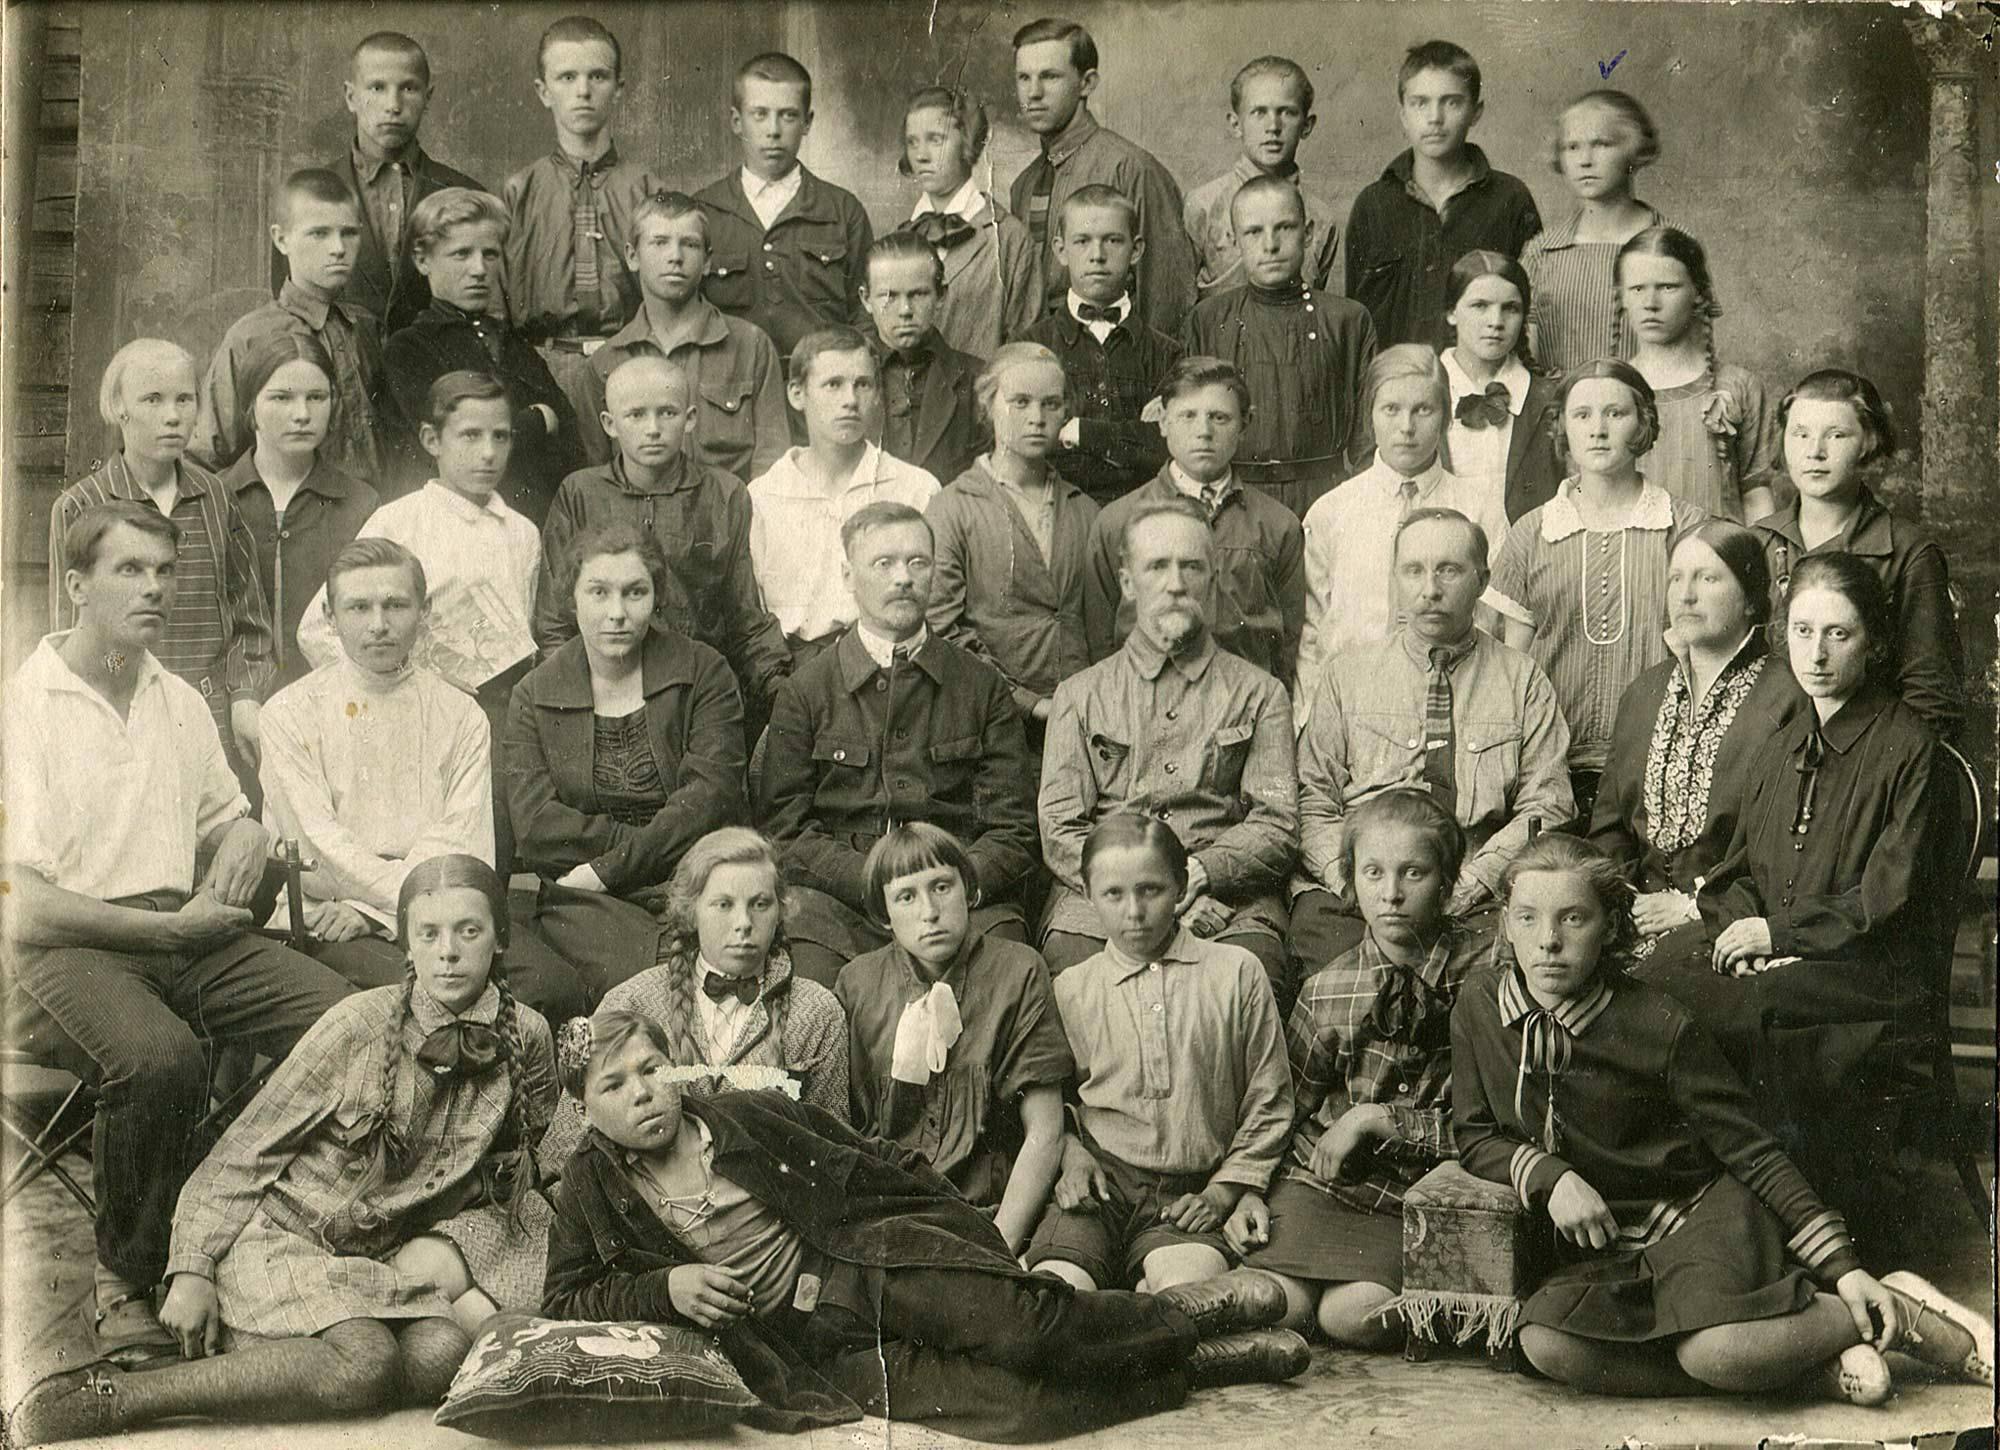 1929. Ученики и учителя 7-й группы школы №18 Пермской железной дороги при станции Пермь II